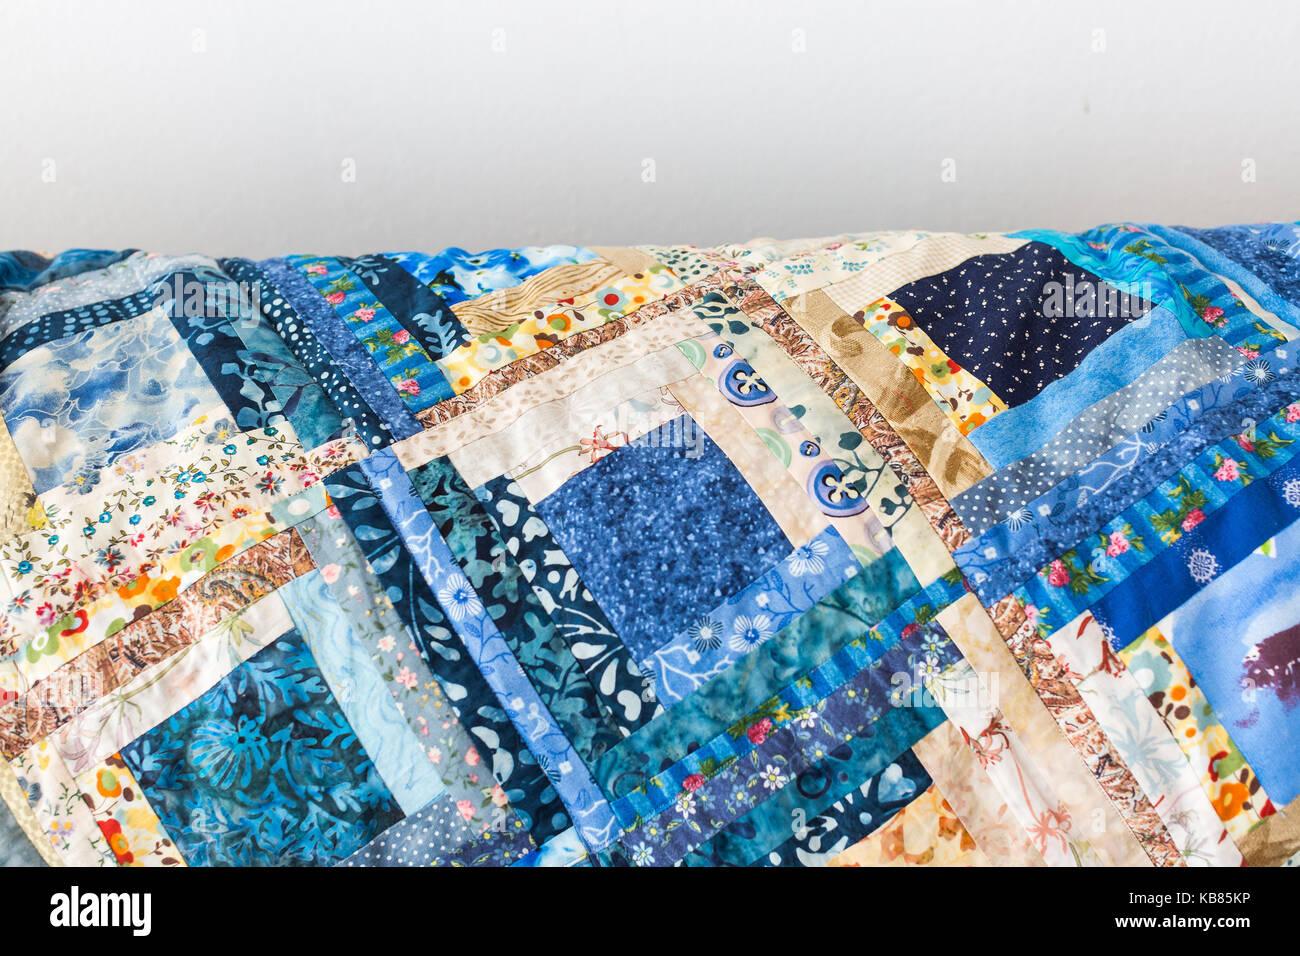 Patchwork Squares Stockfotos & Patchwork Squares Bilder - Alamy